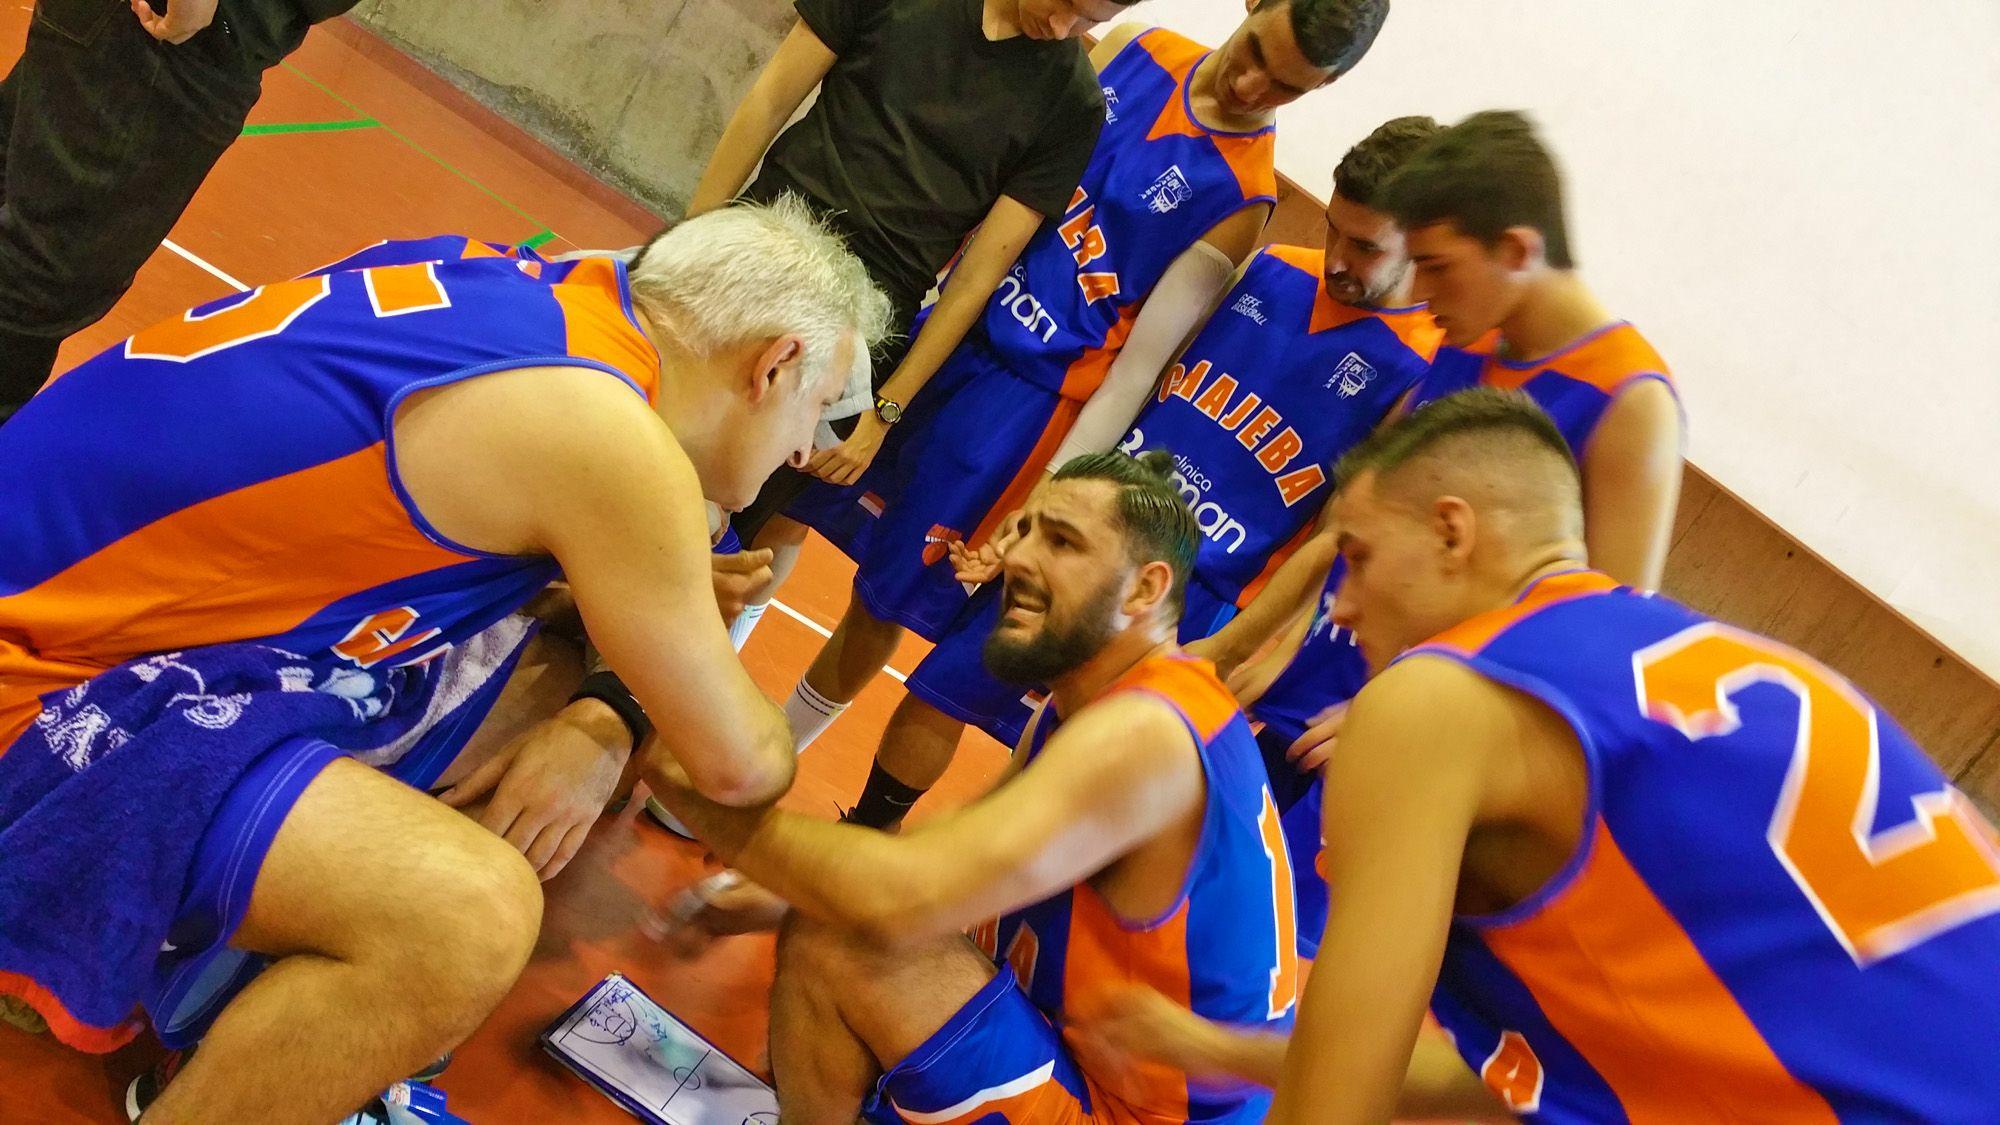 Sergio Ramos, entrenador-jugador, del equipo senior del Clínica Beiman Chajeba, dando instrucciones en un tiempo muerto al final del encuentro | MIRA Comunicación